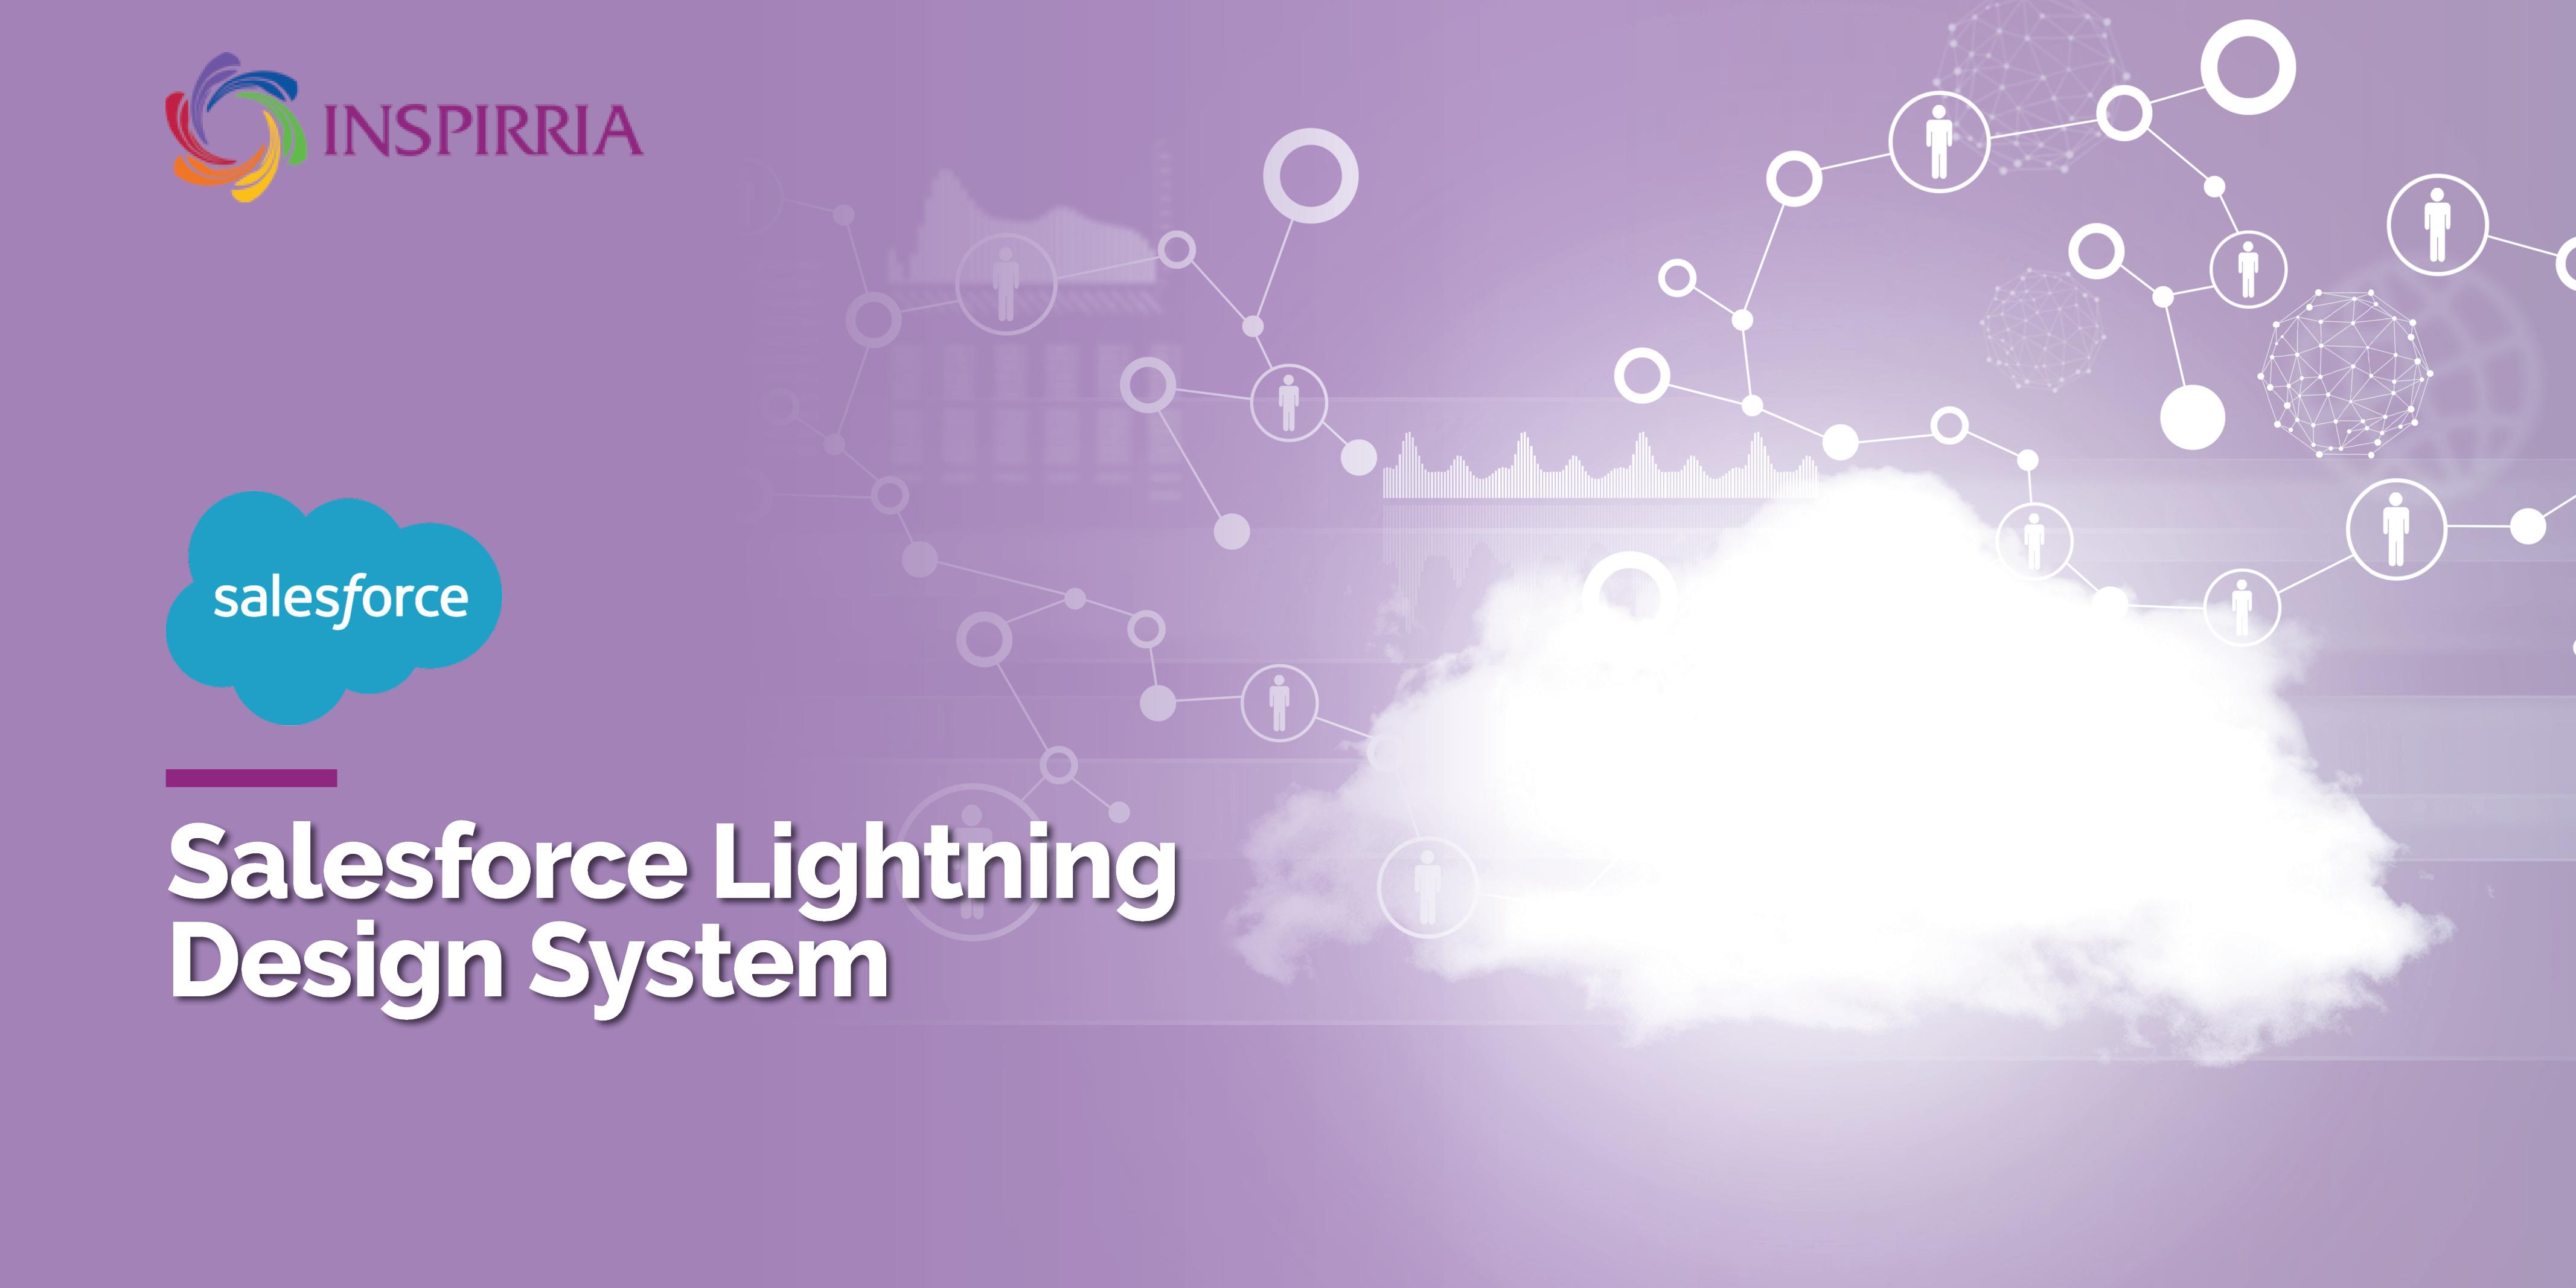 Salesforce Lightning Design System